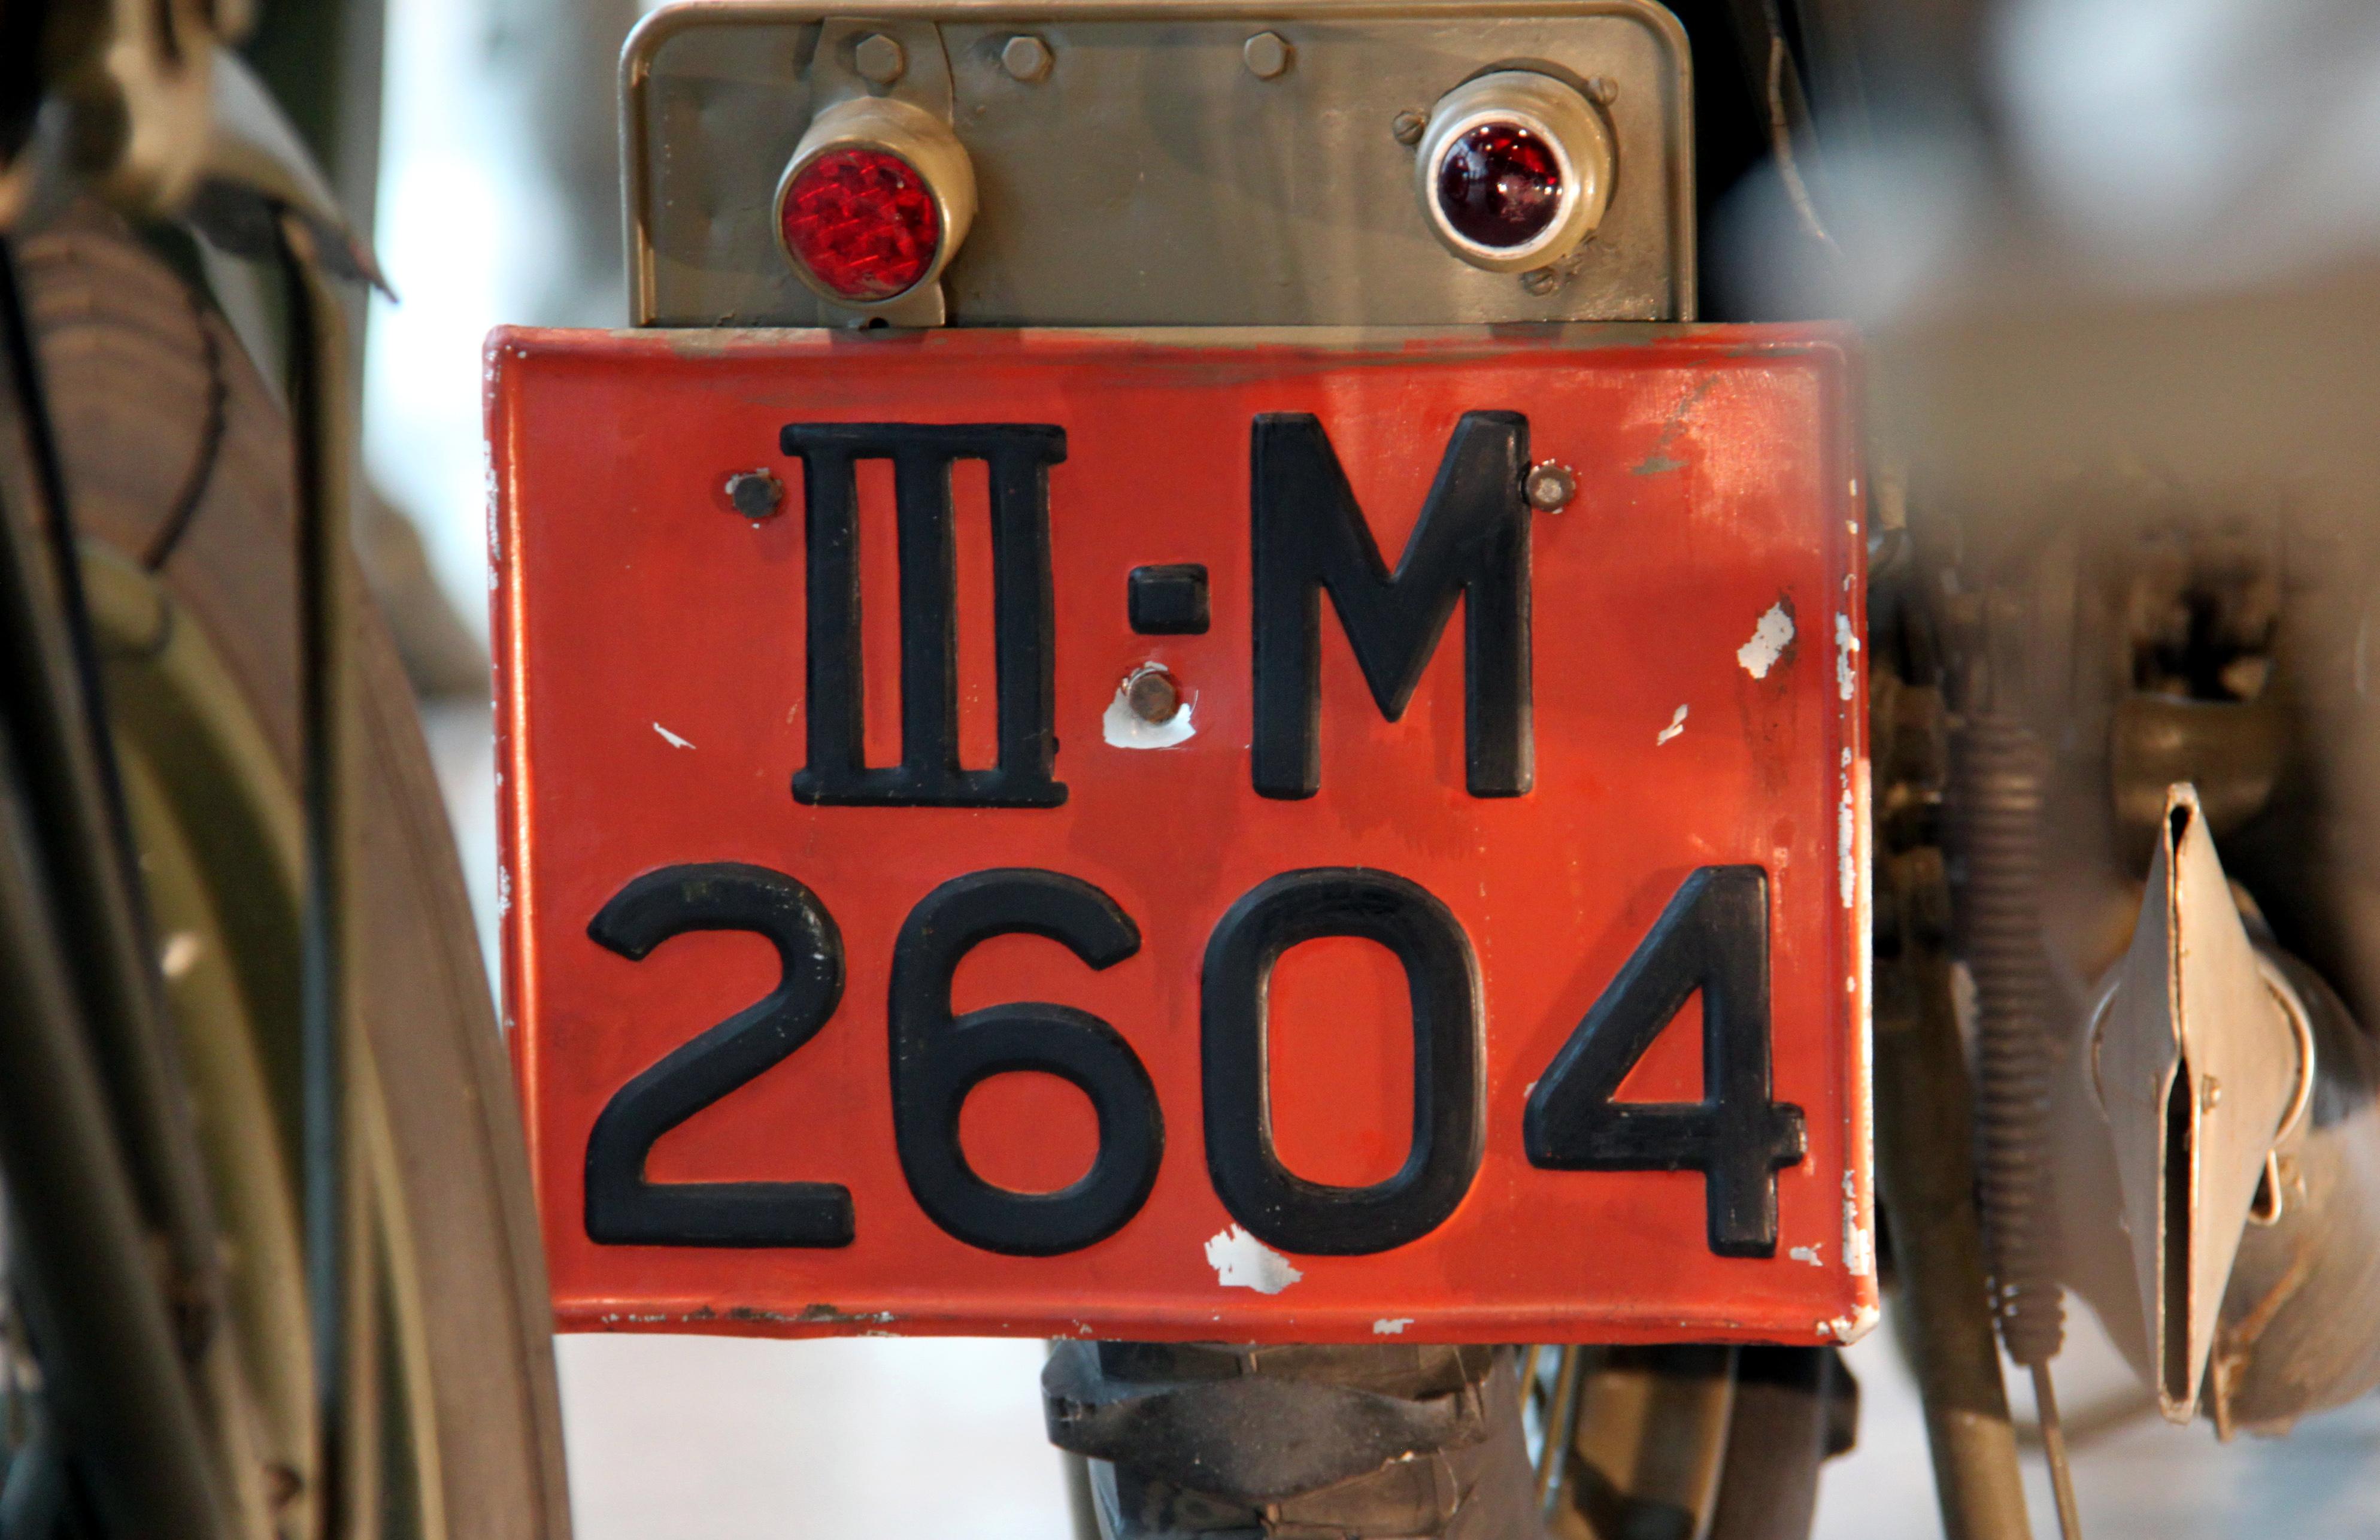 File:Nederlandse kentekenplaat III M 2604 Militair kenteken Cavelarie.jpg